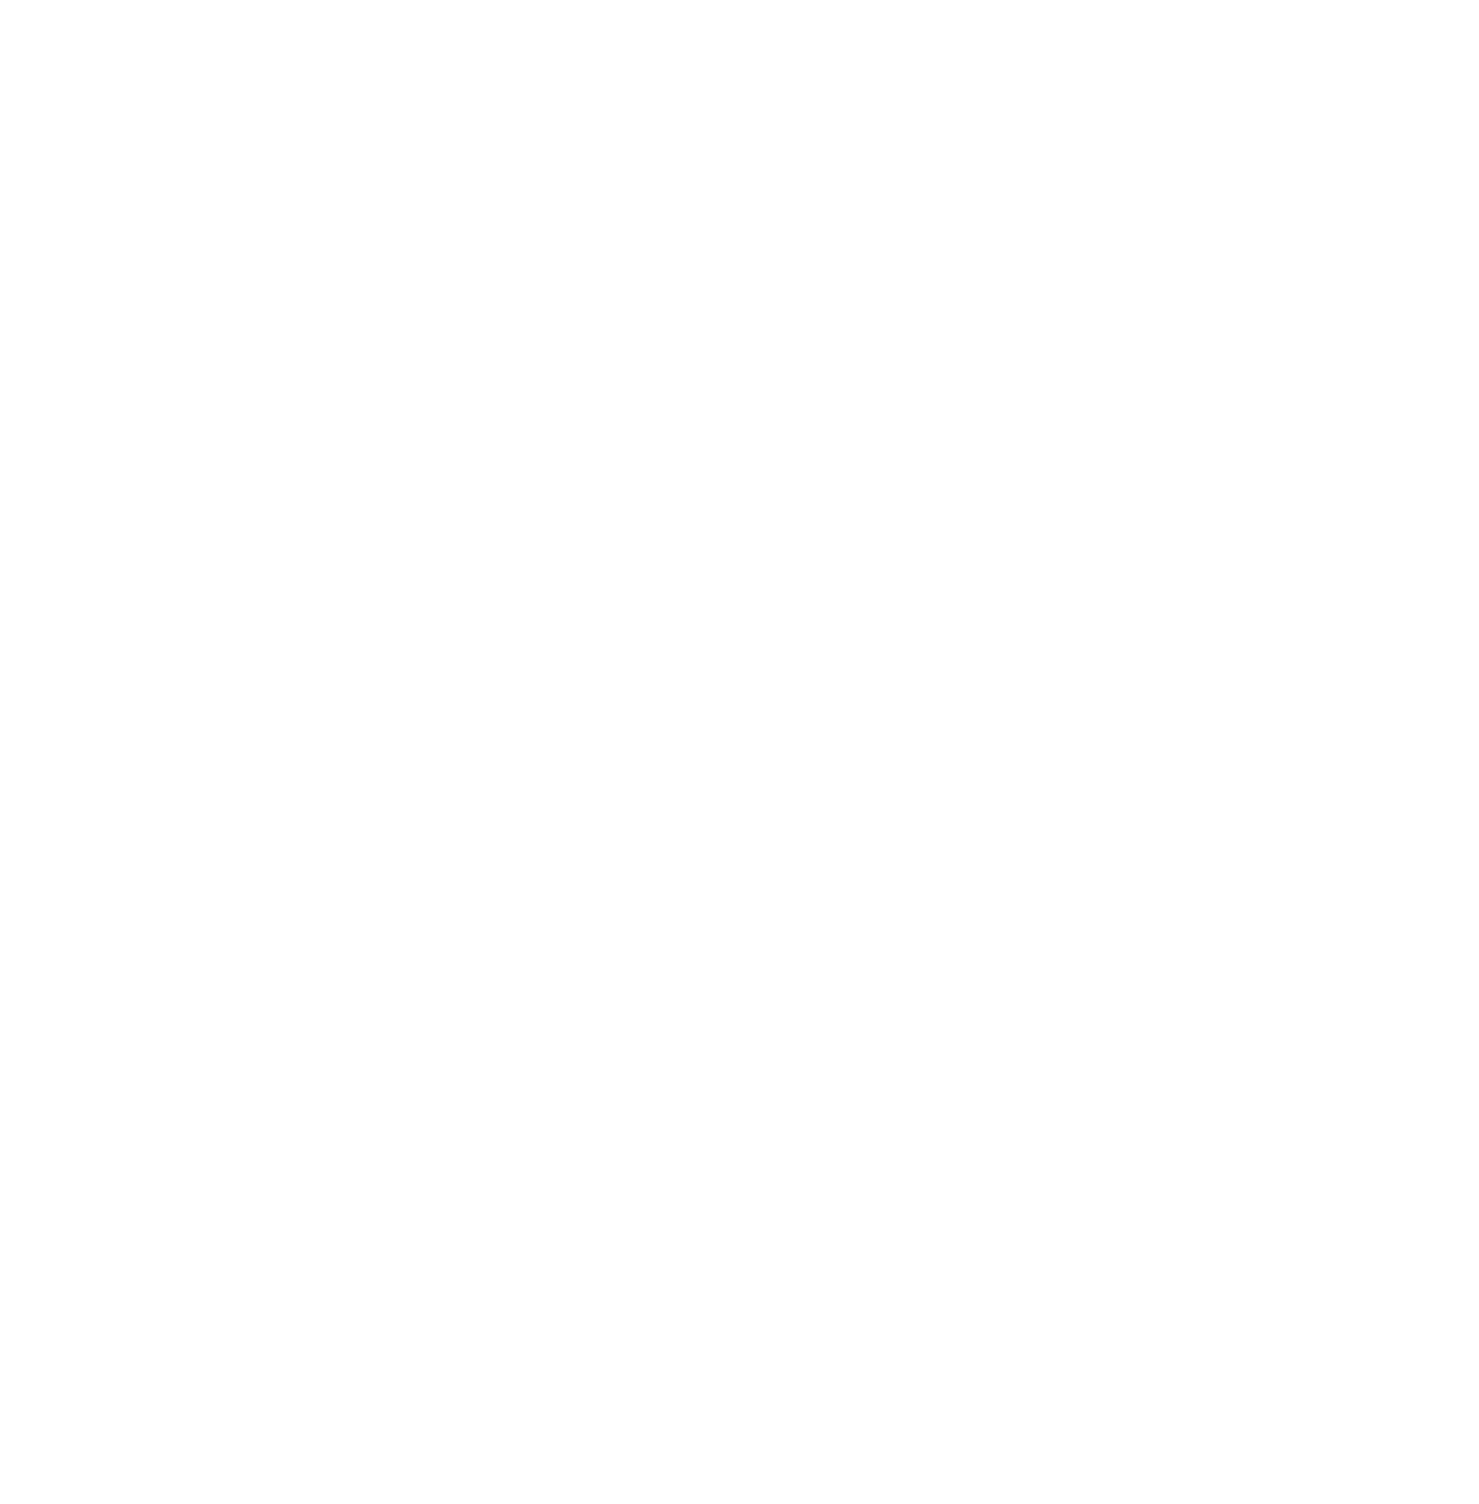 Львівська Модель ООН Logo